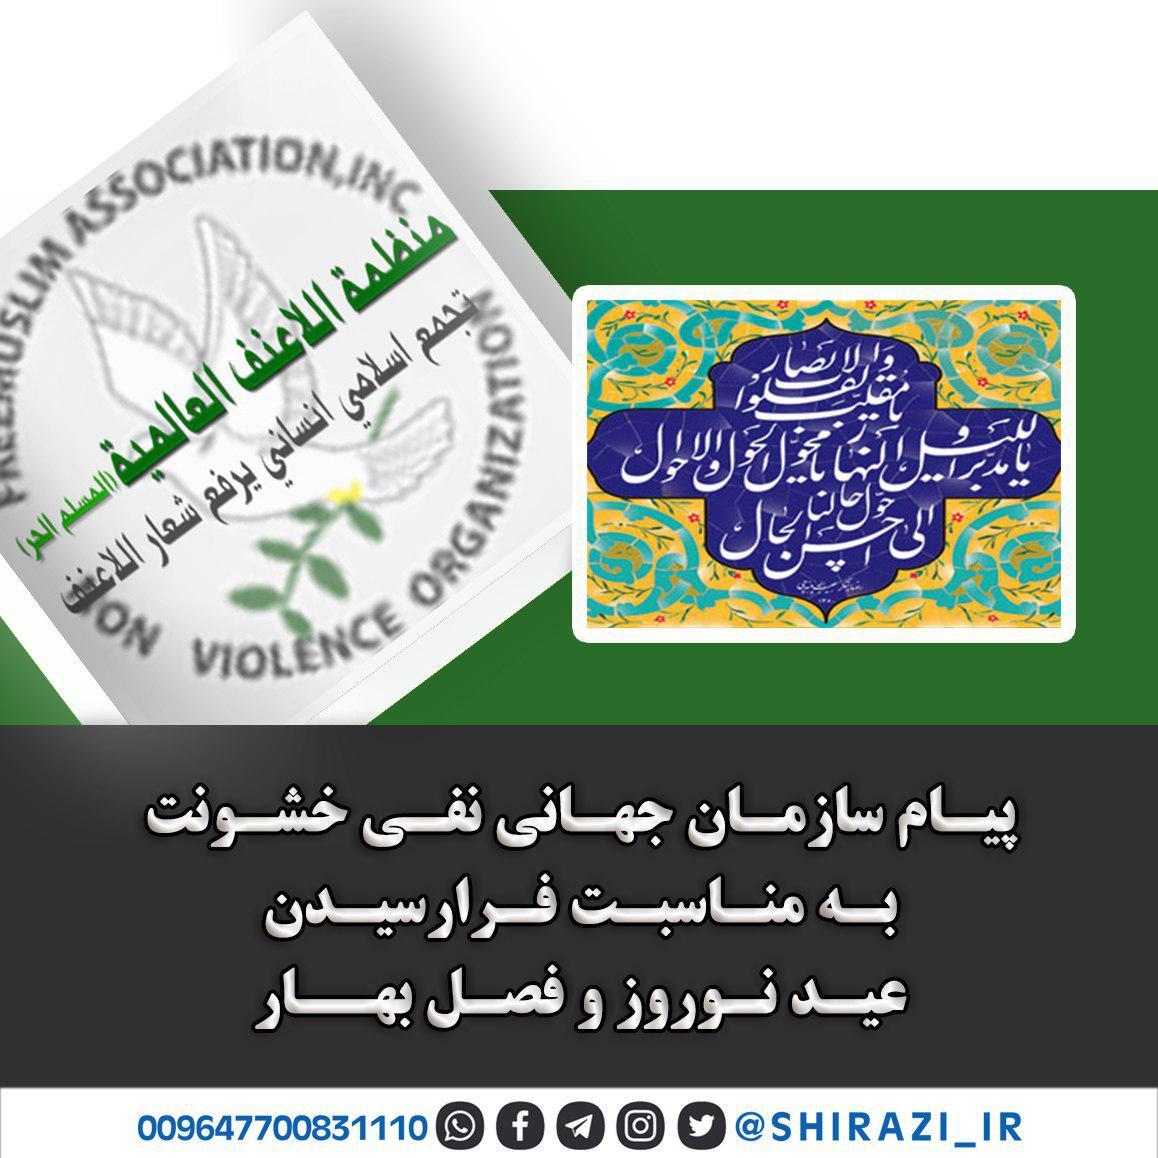 تصویر مسلمان آزاده: نوروز زمانی مناسب برای ترویج اعتدال گرایی